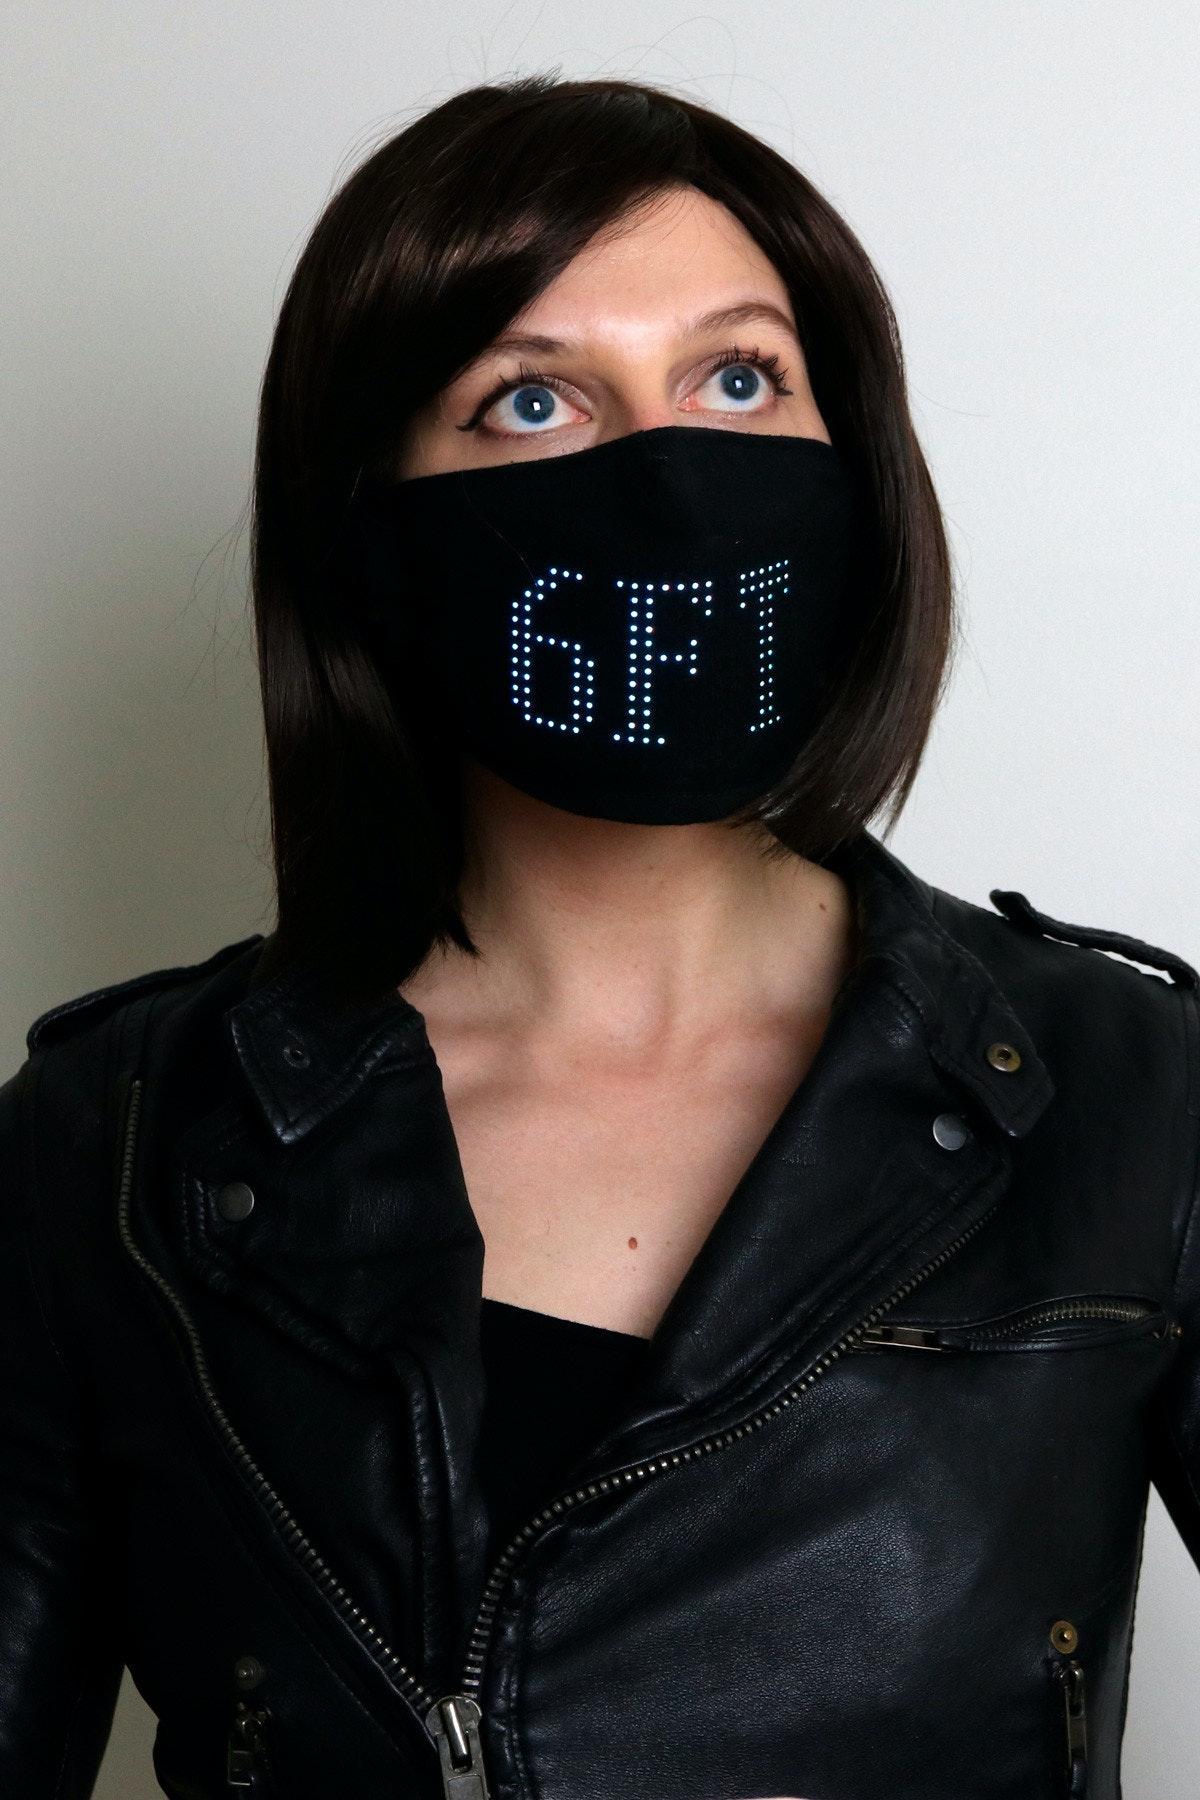 照片中提到了GFT,包含了女孩、最終幻想九、最終幻想、五月初、傳感器